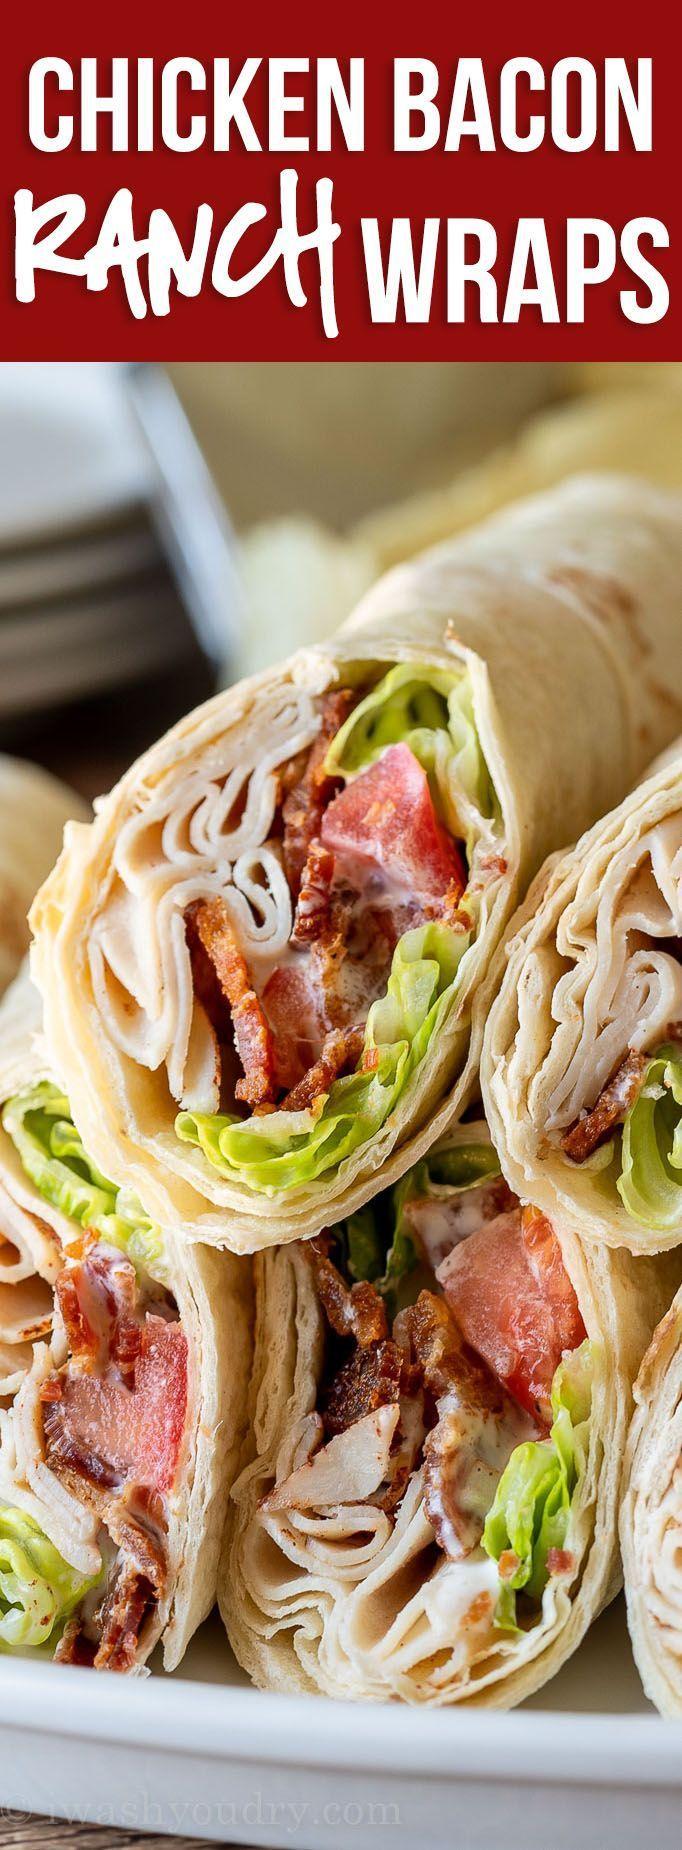 Köstlich! Diese schnellen und einfachen Chicken Bacon Ranch Wraps sind eins #easycrockpotchicken